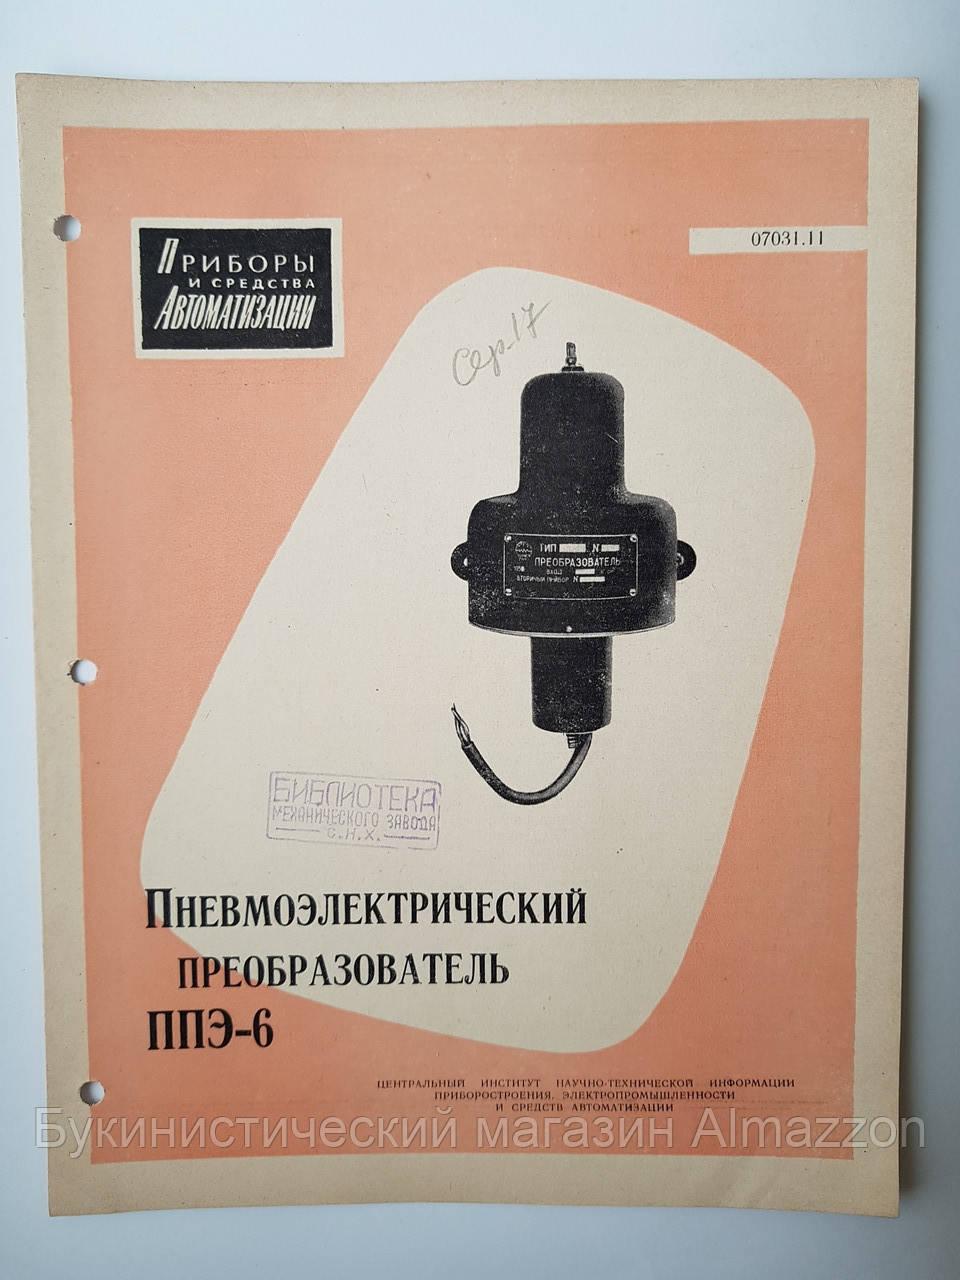 """Журнал (Бюллетень) """"Пневмоэлектрический преобразователь ППЭ-6  07031.11"""" 1962 г."""